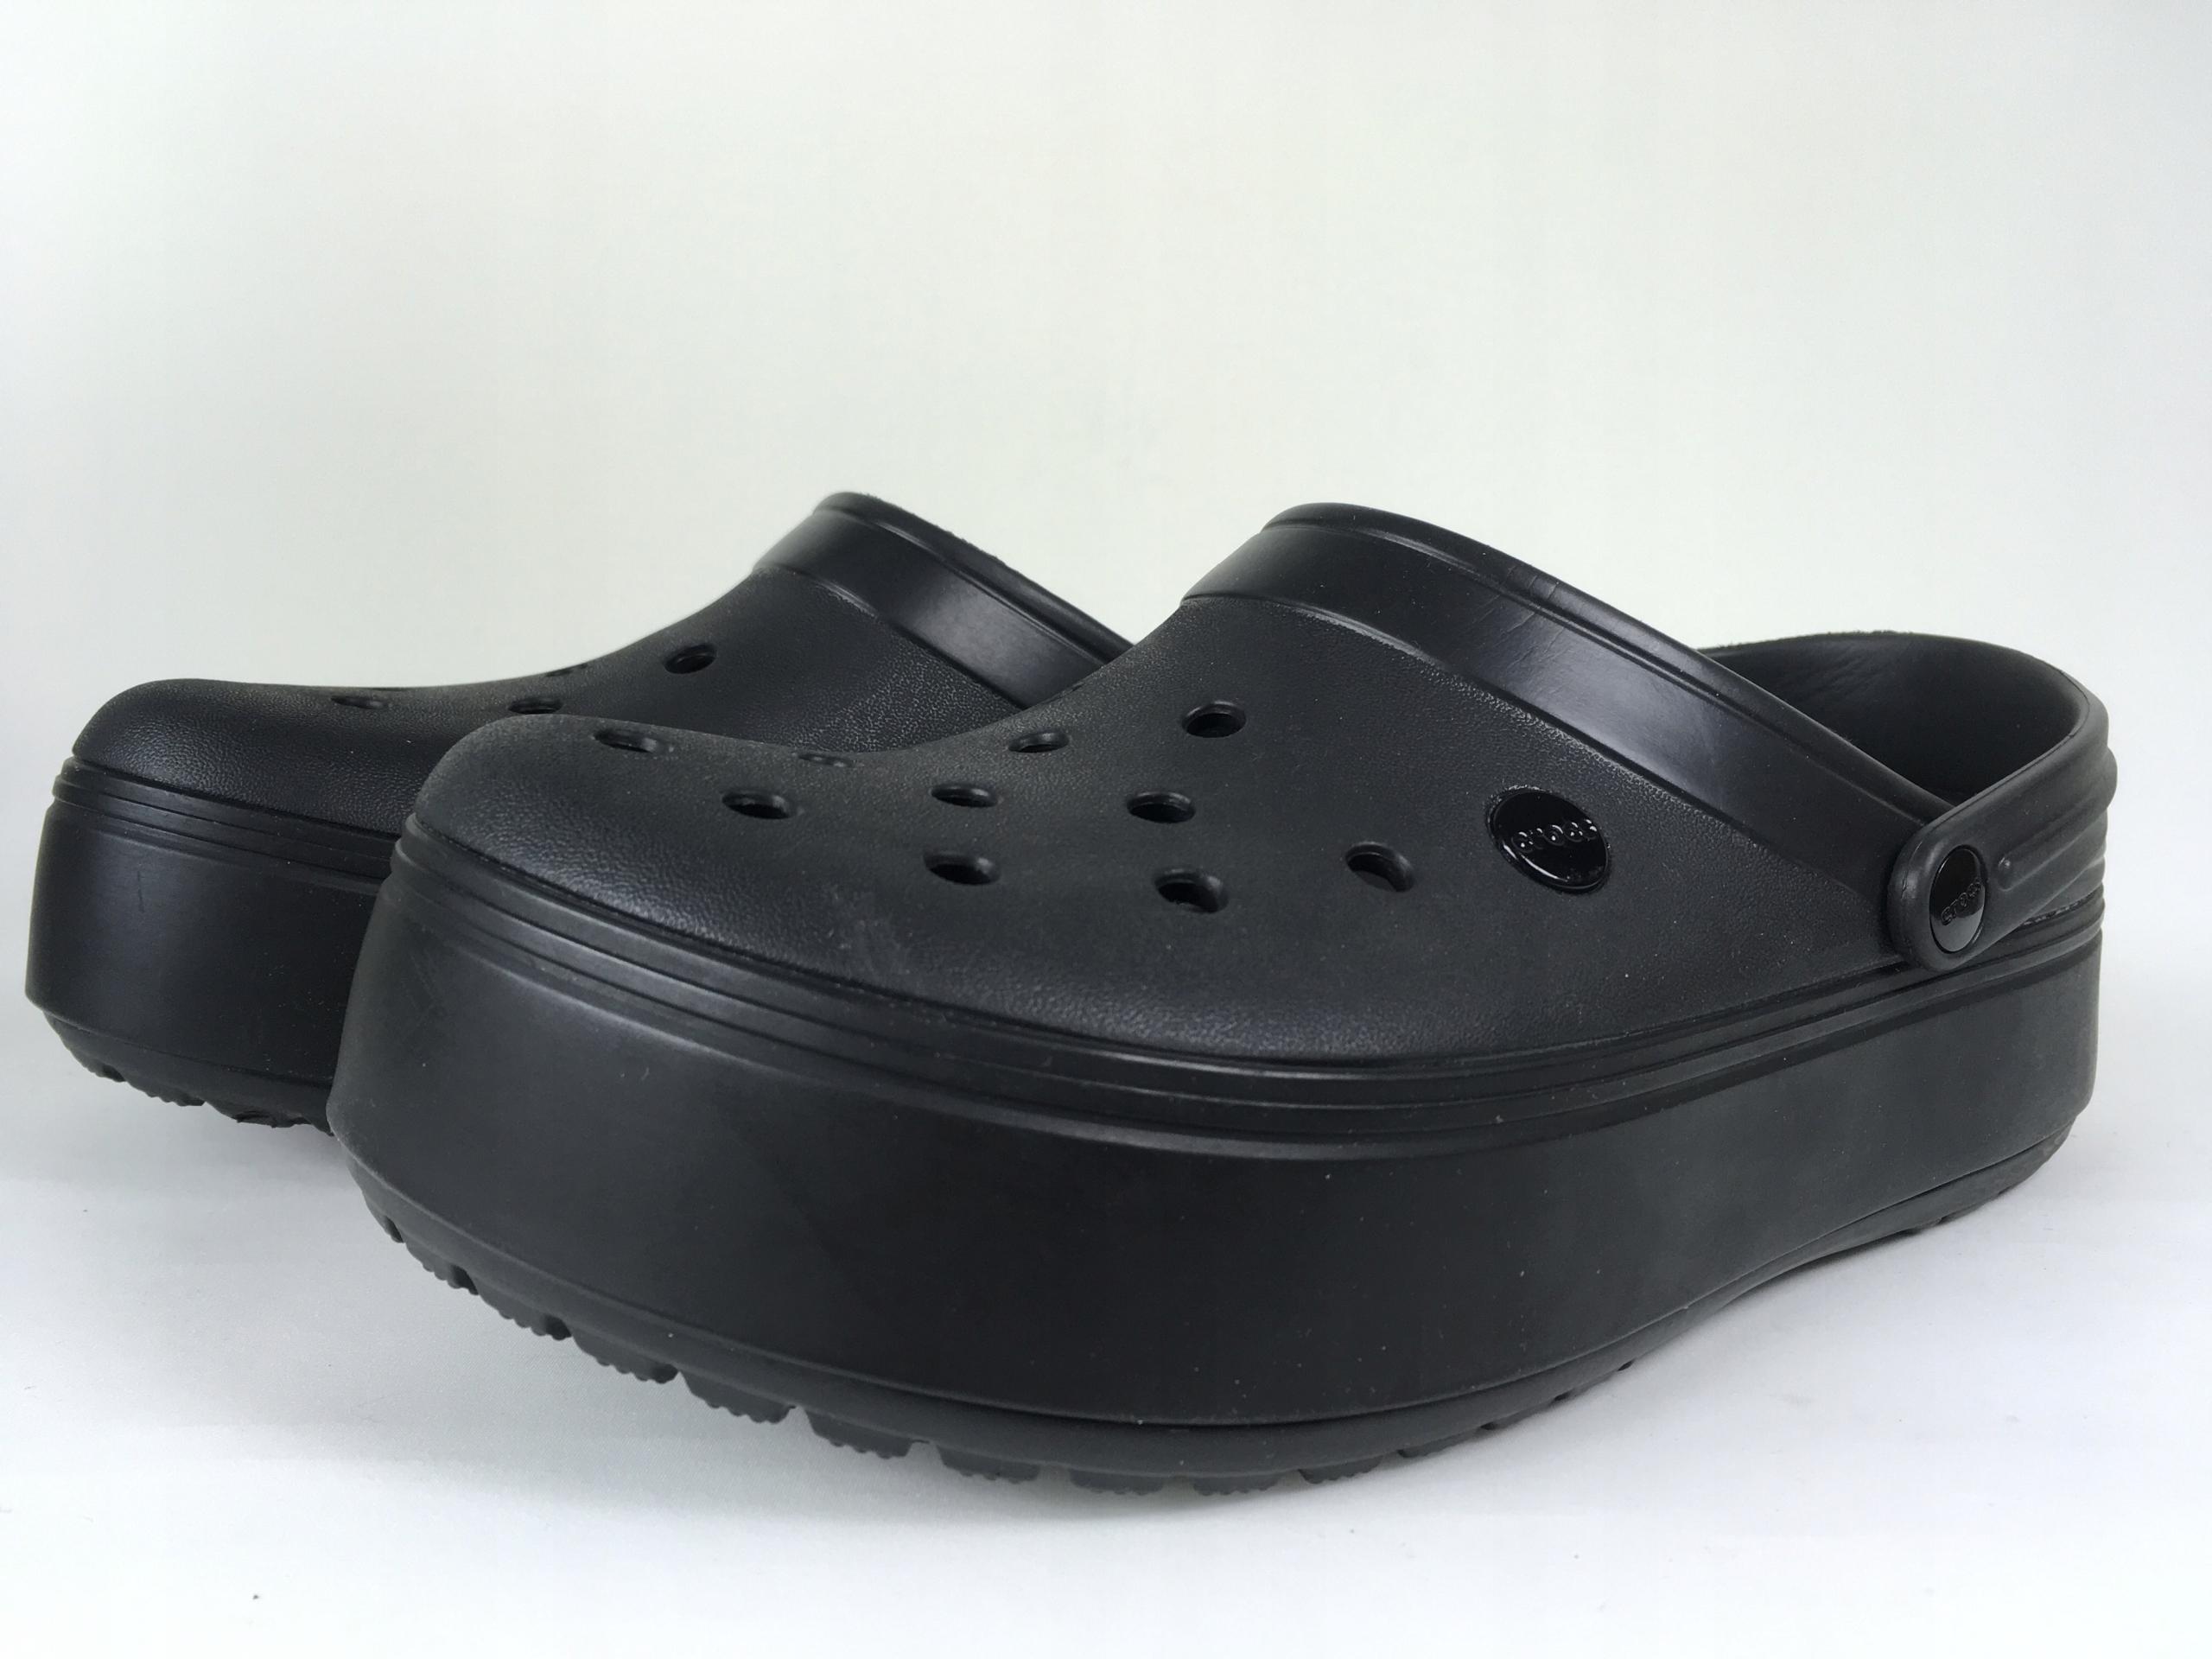 148 Crocs czarne klapki chodaki wysokie 41,5 42